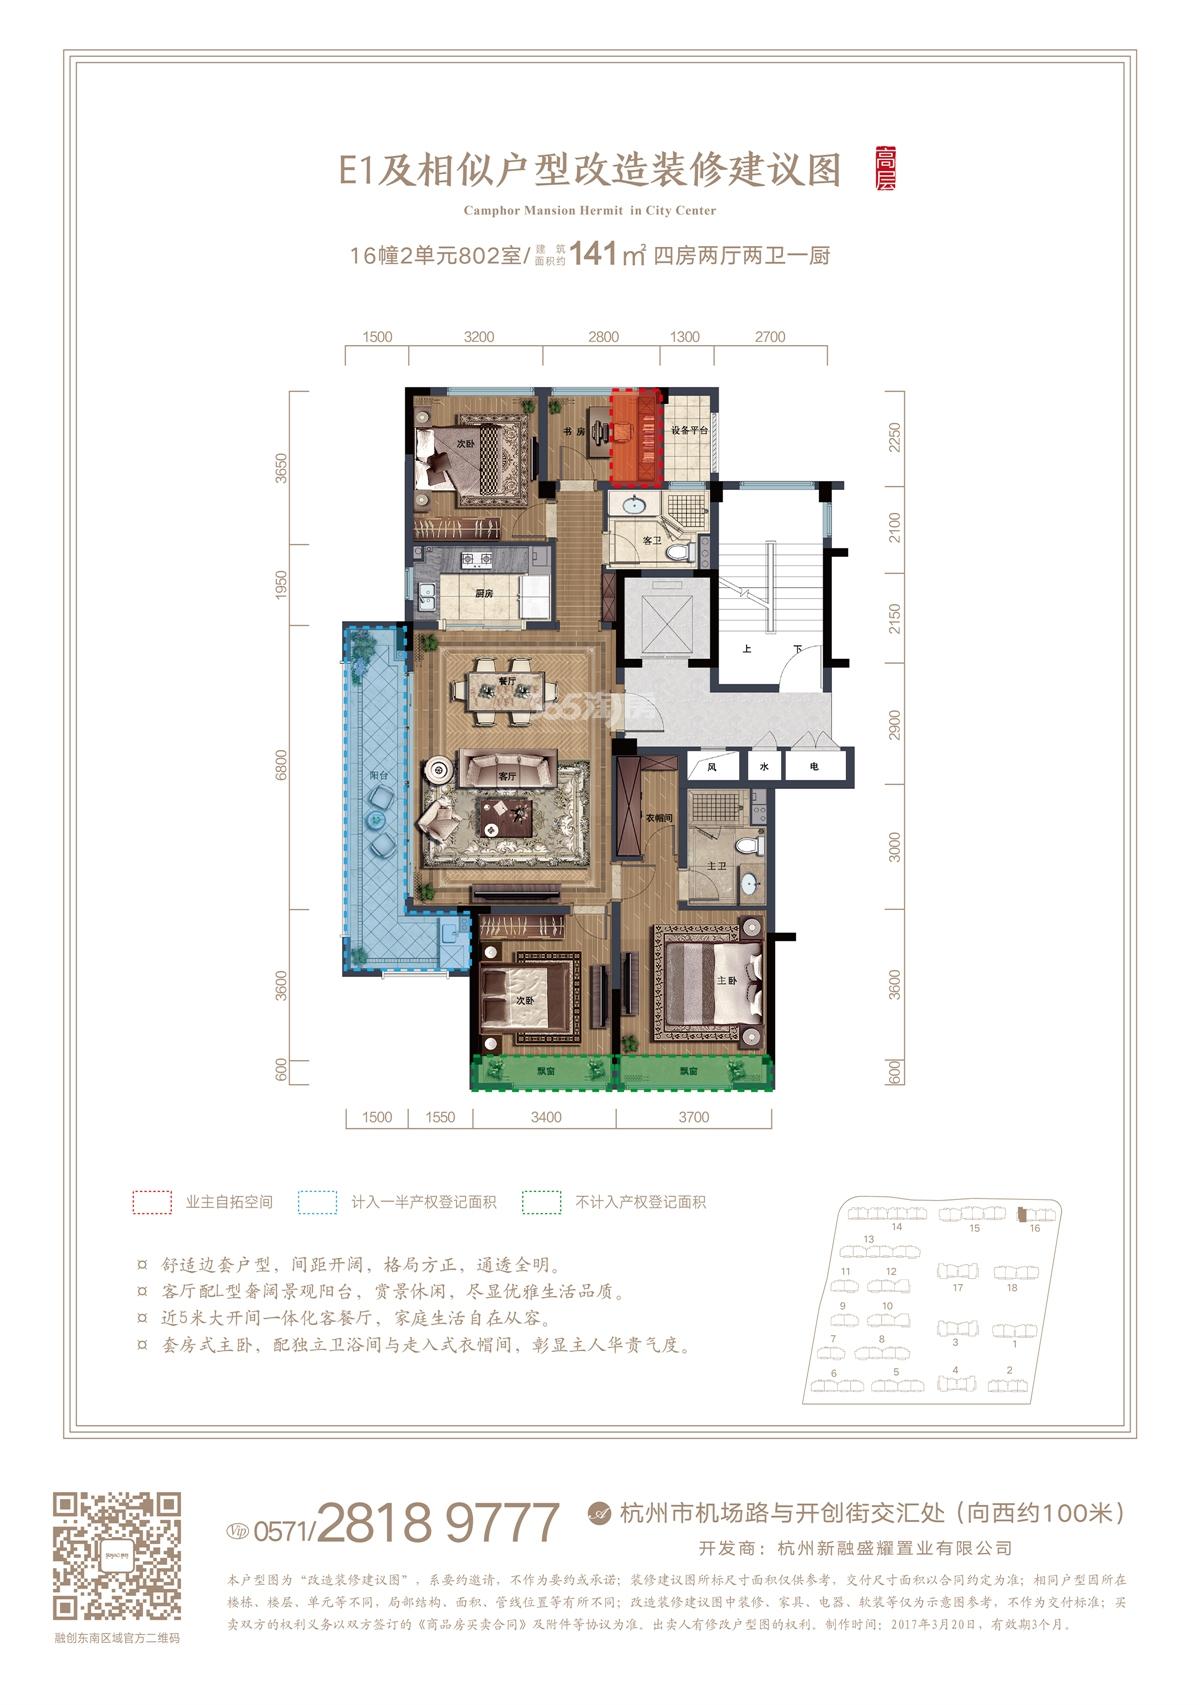 融创玖樟台E1户型图141方高层(4、16号楼)